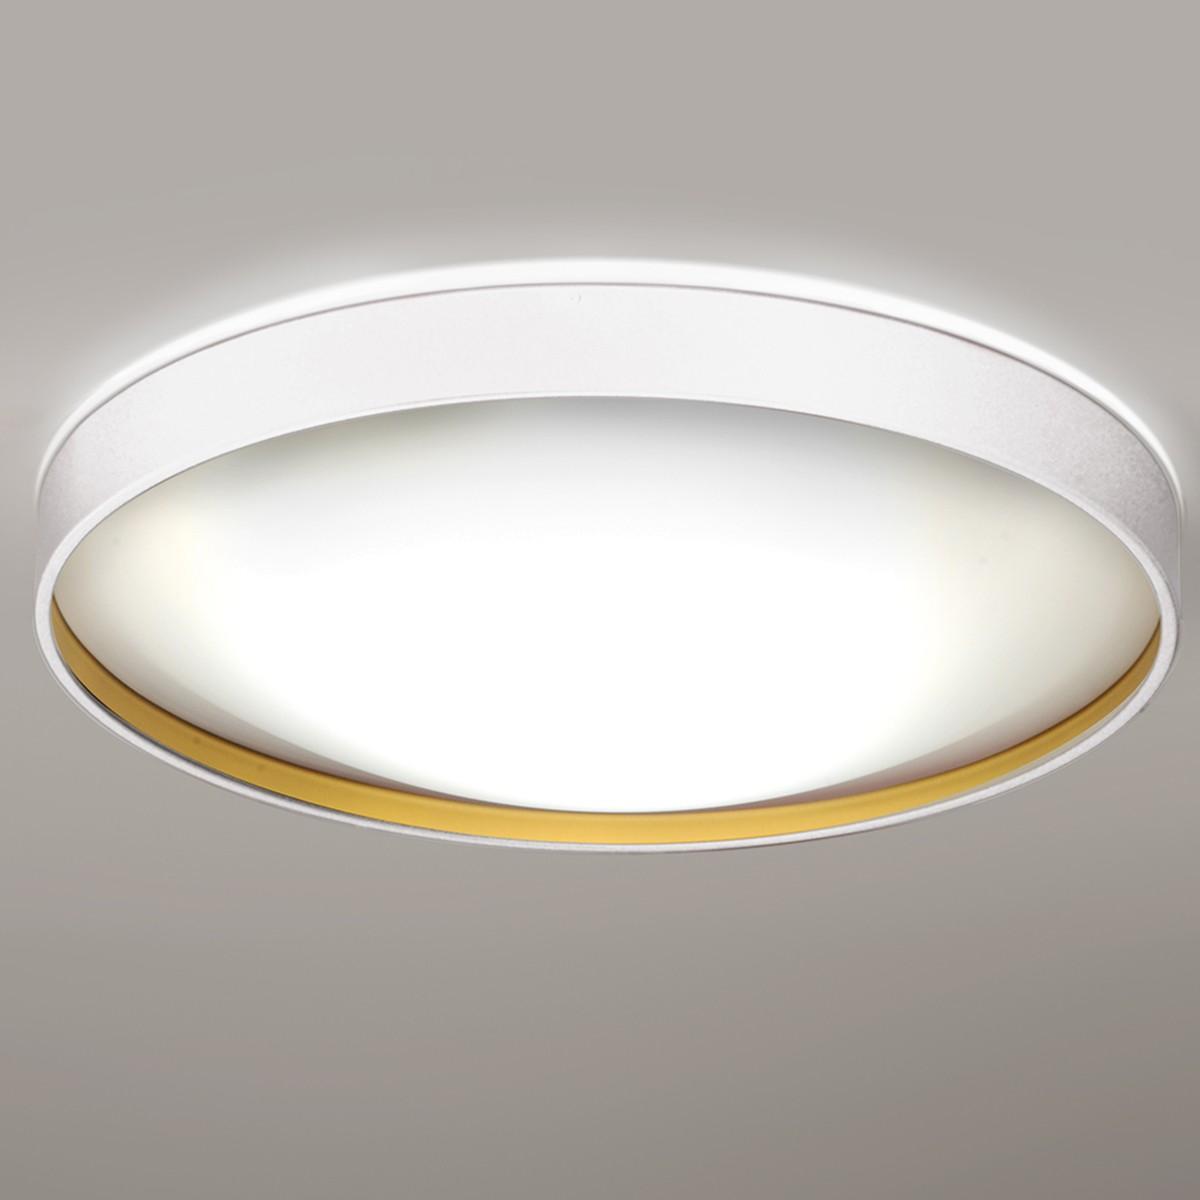 Milan Alina Deckenleuchte, Ø: 50 cm, weiß lackiert / Gold